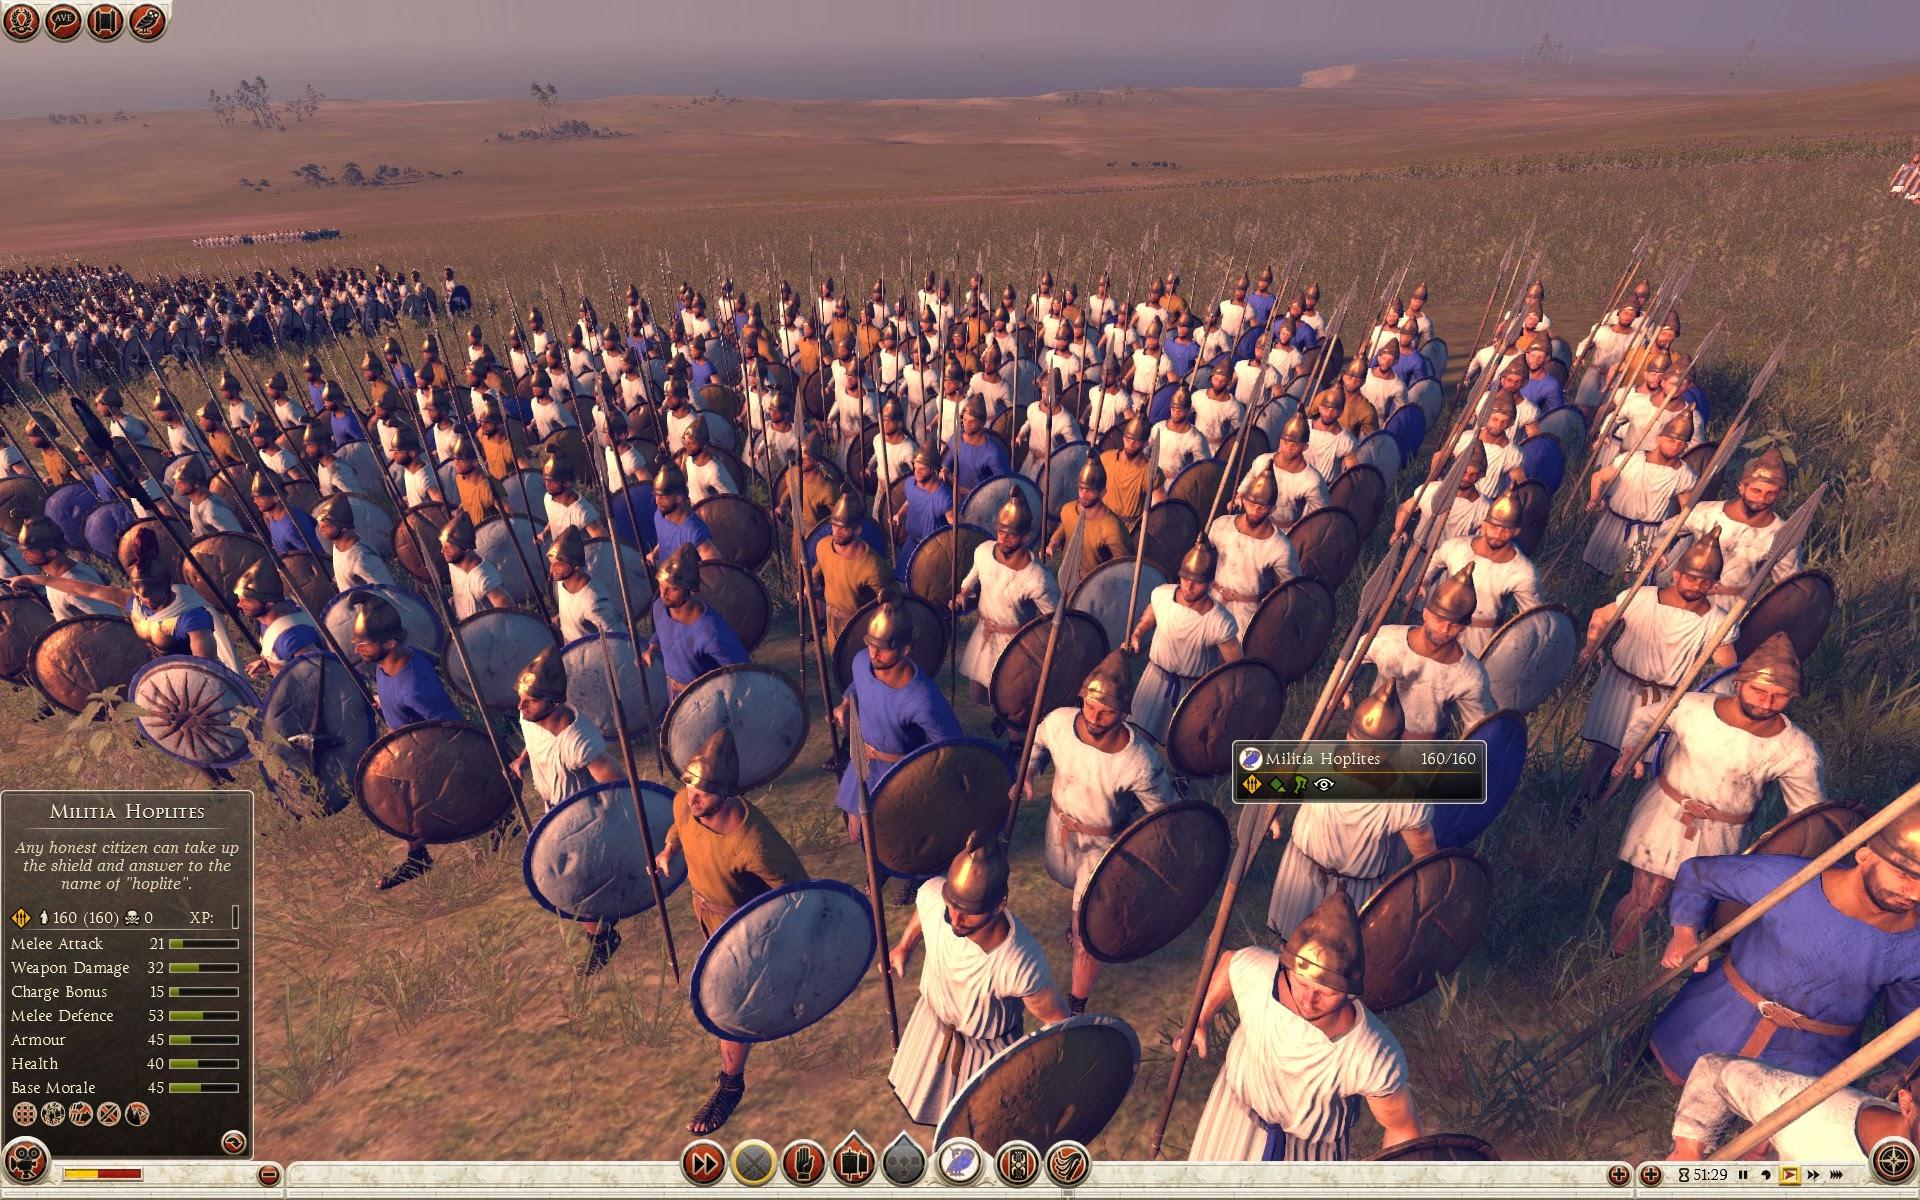 Militia Hoplites